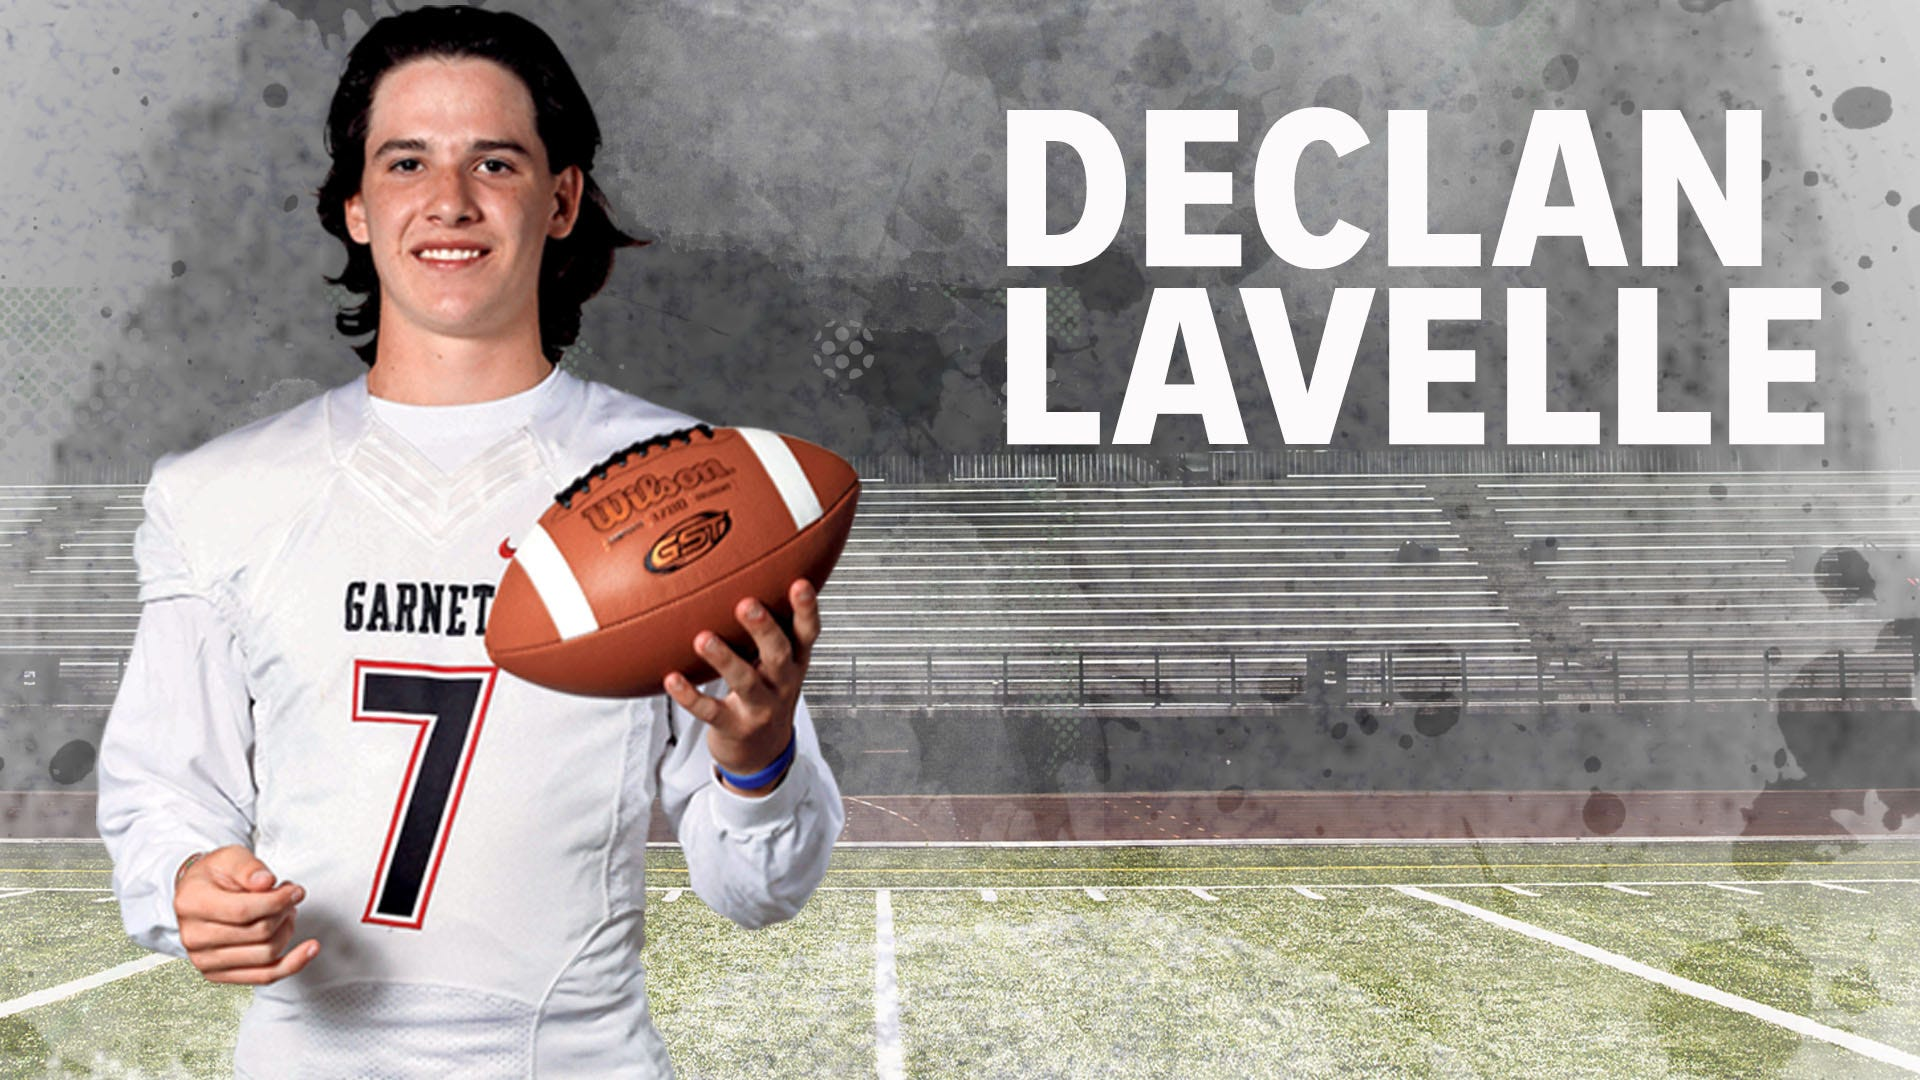 Declan Lavelle